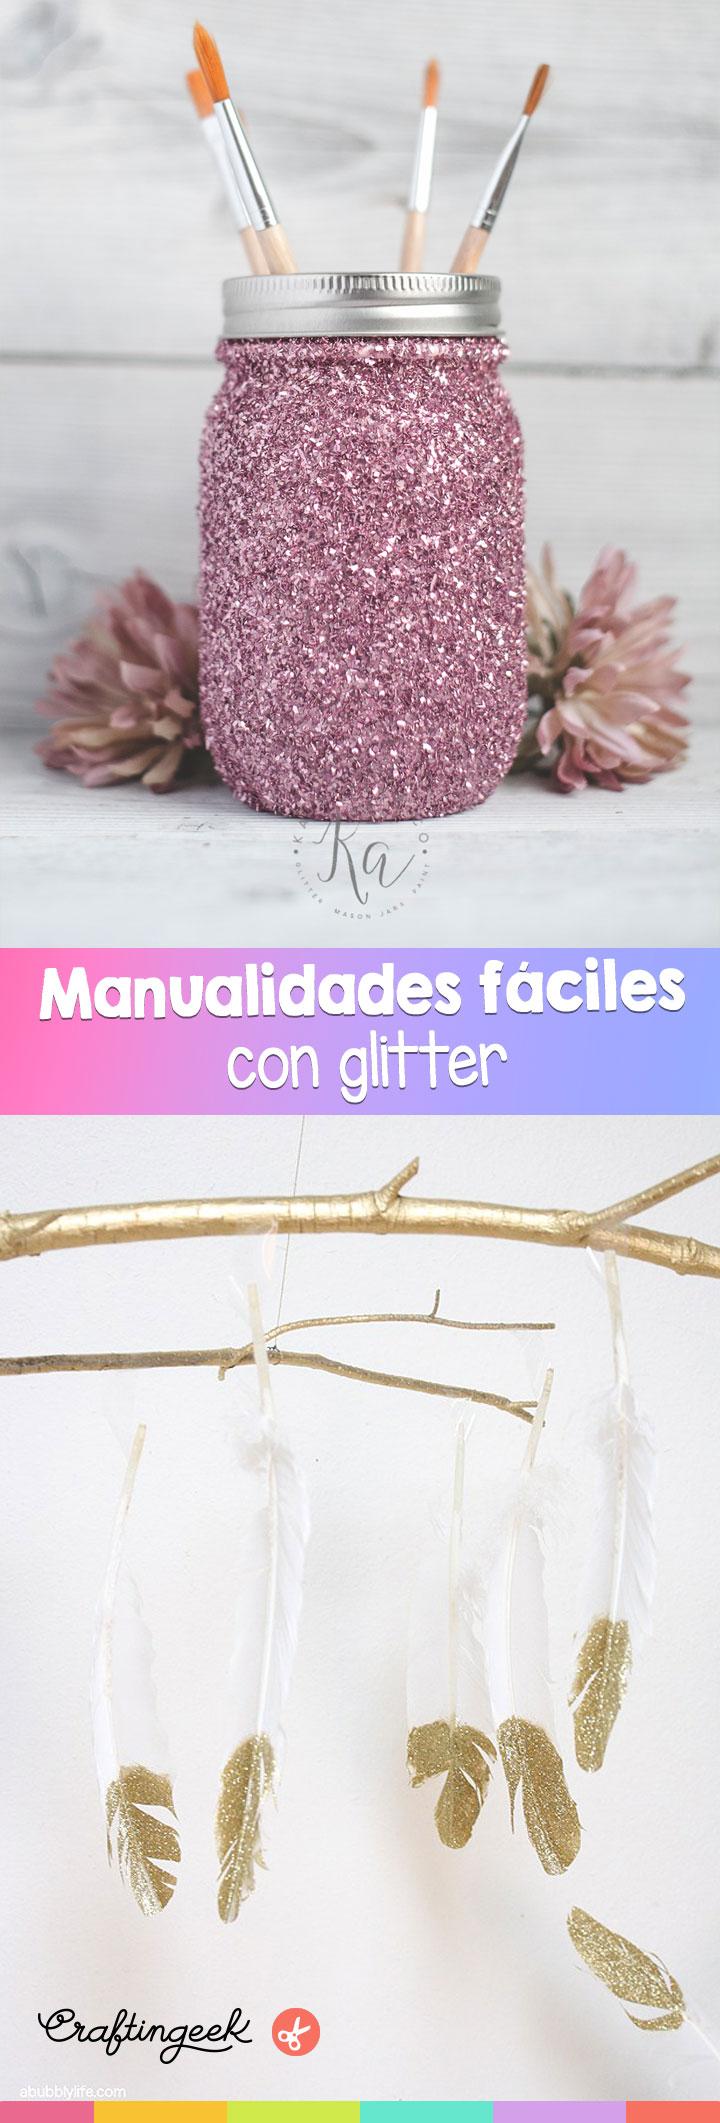 manualidades con glitter